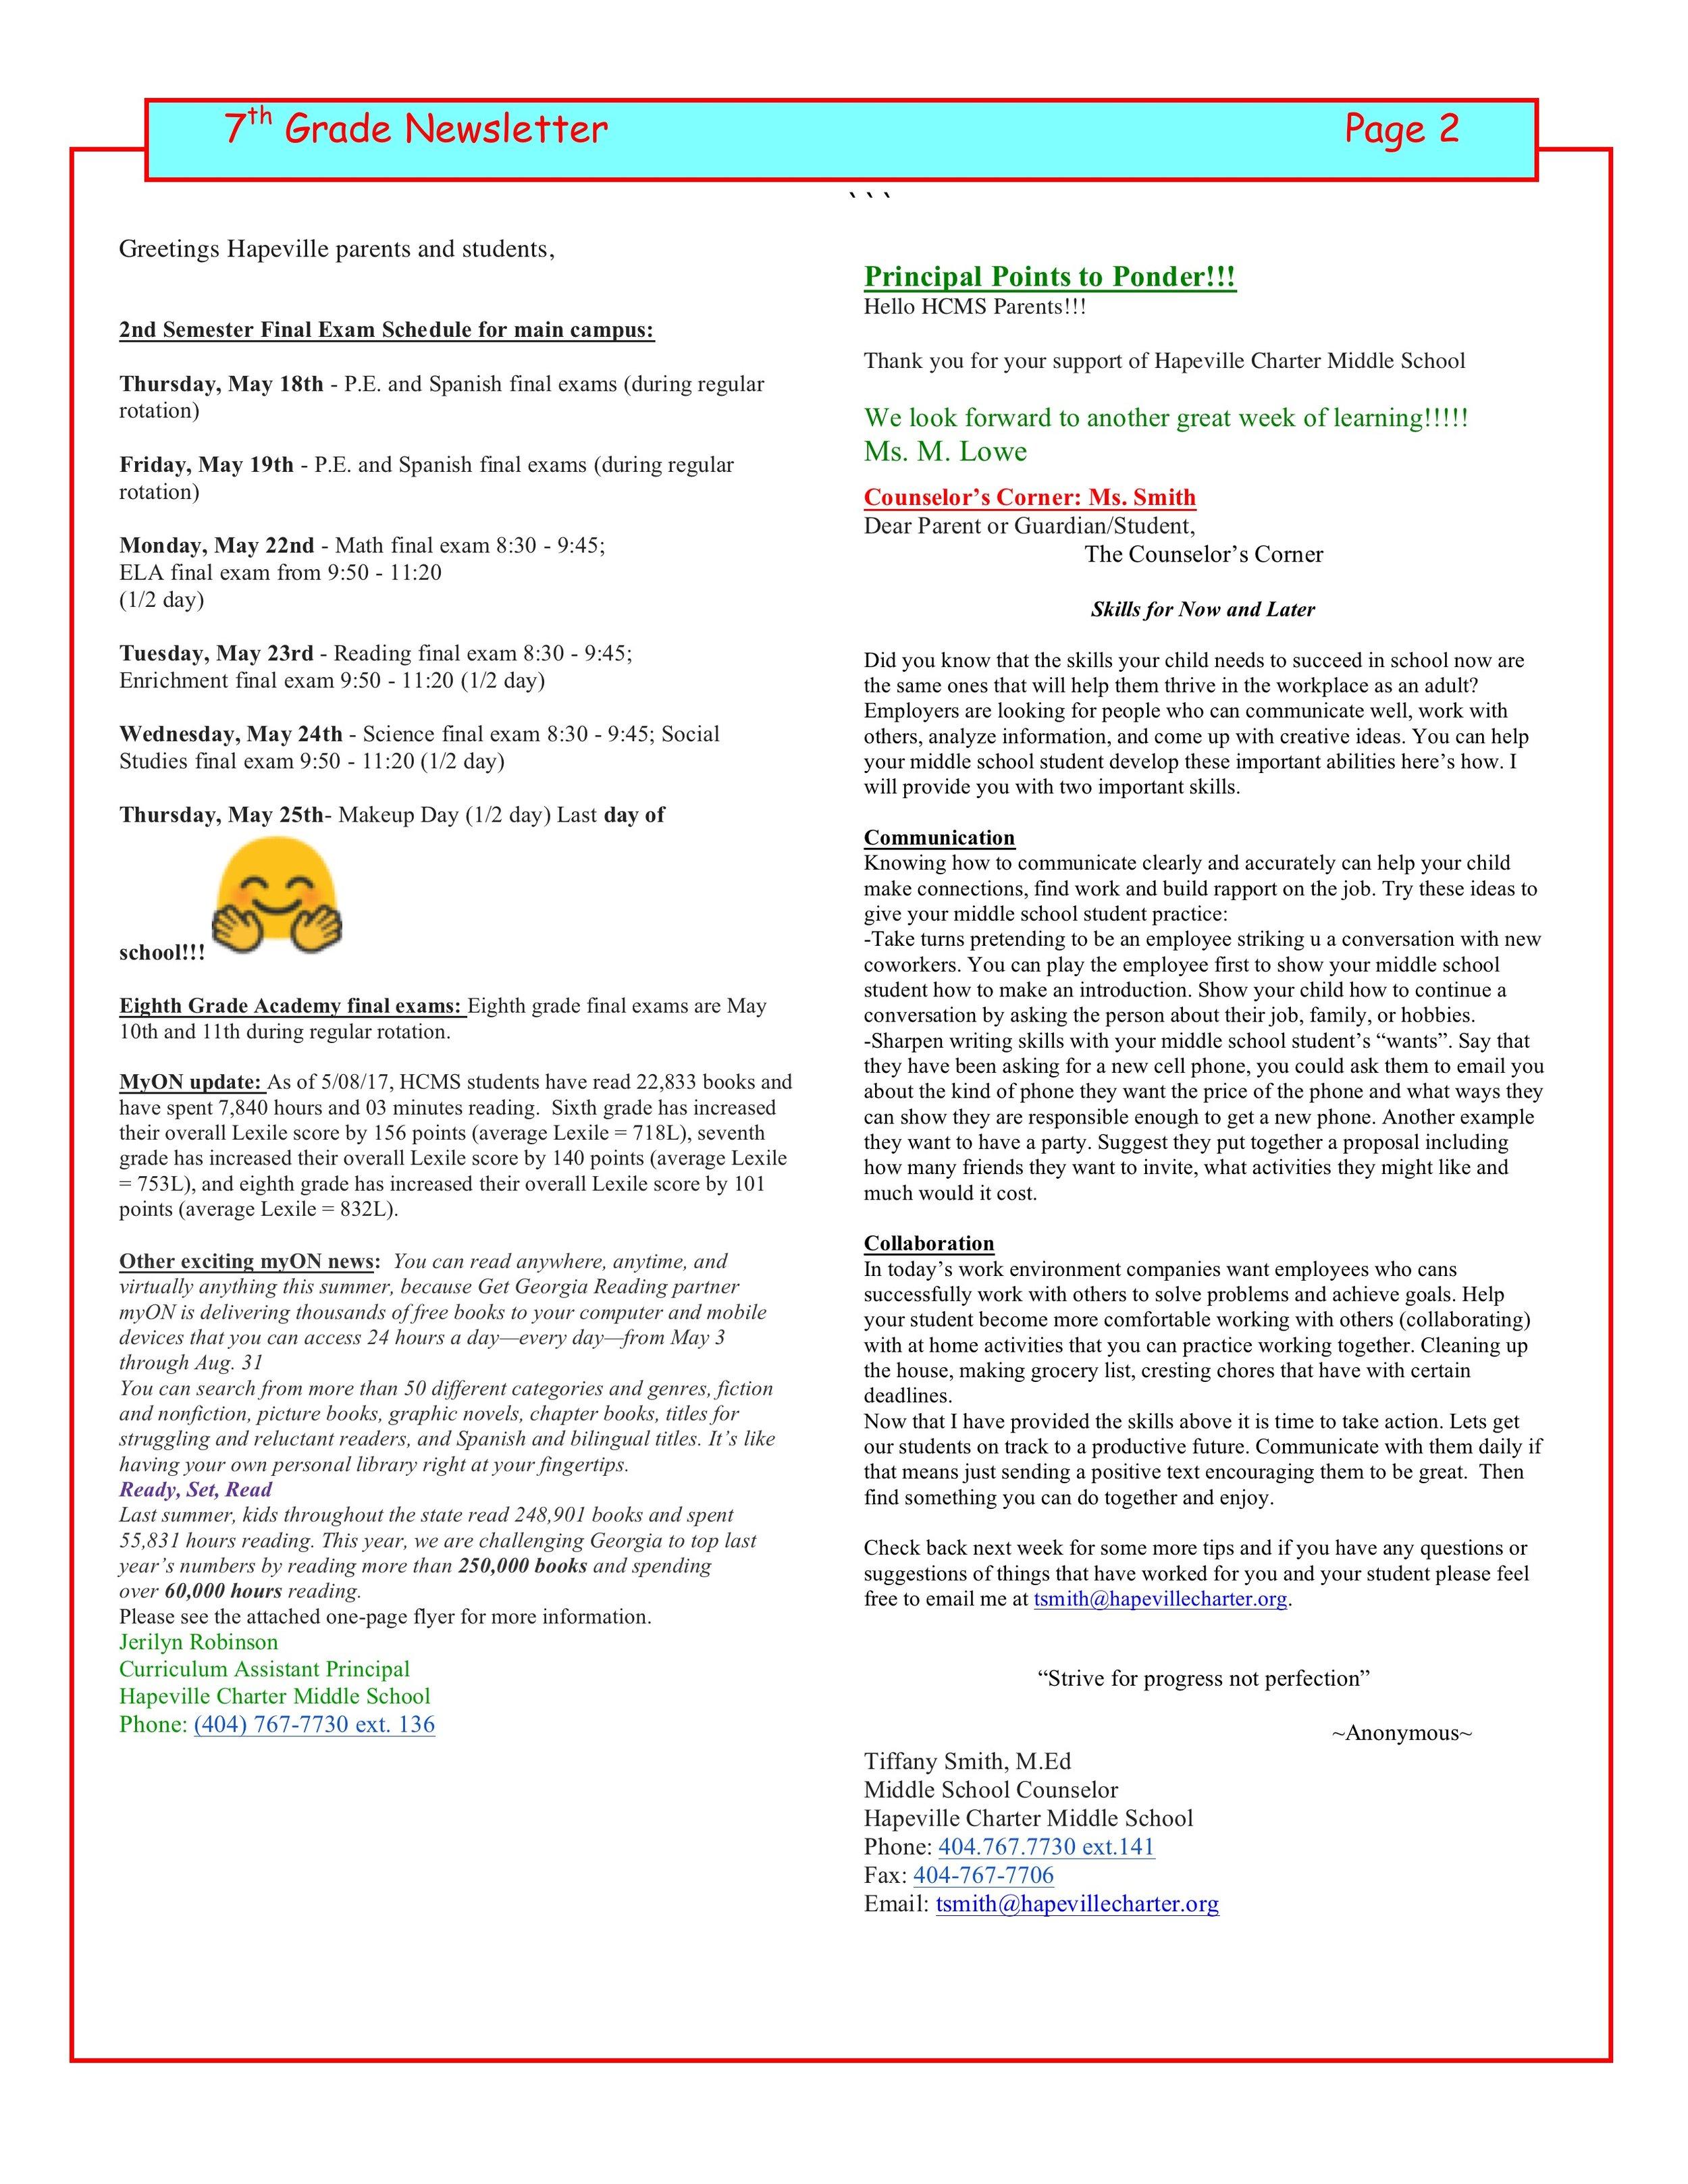 Newsletter Image7th Grade Newsletter 5-16-2017 2.jpeg